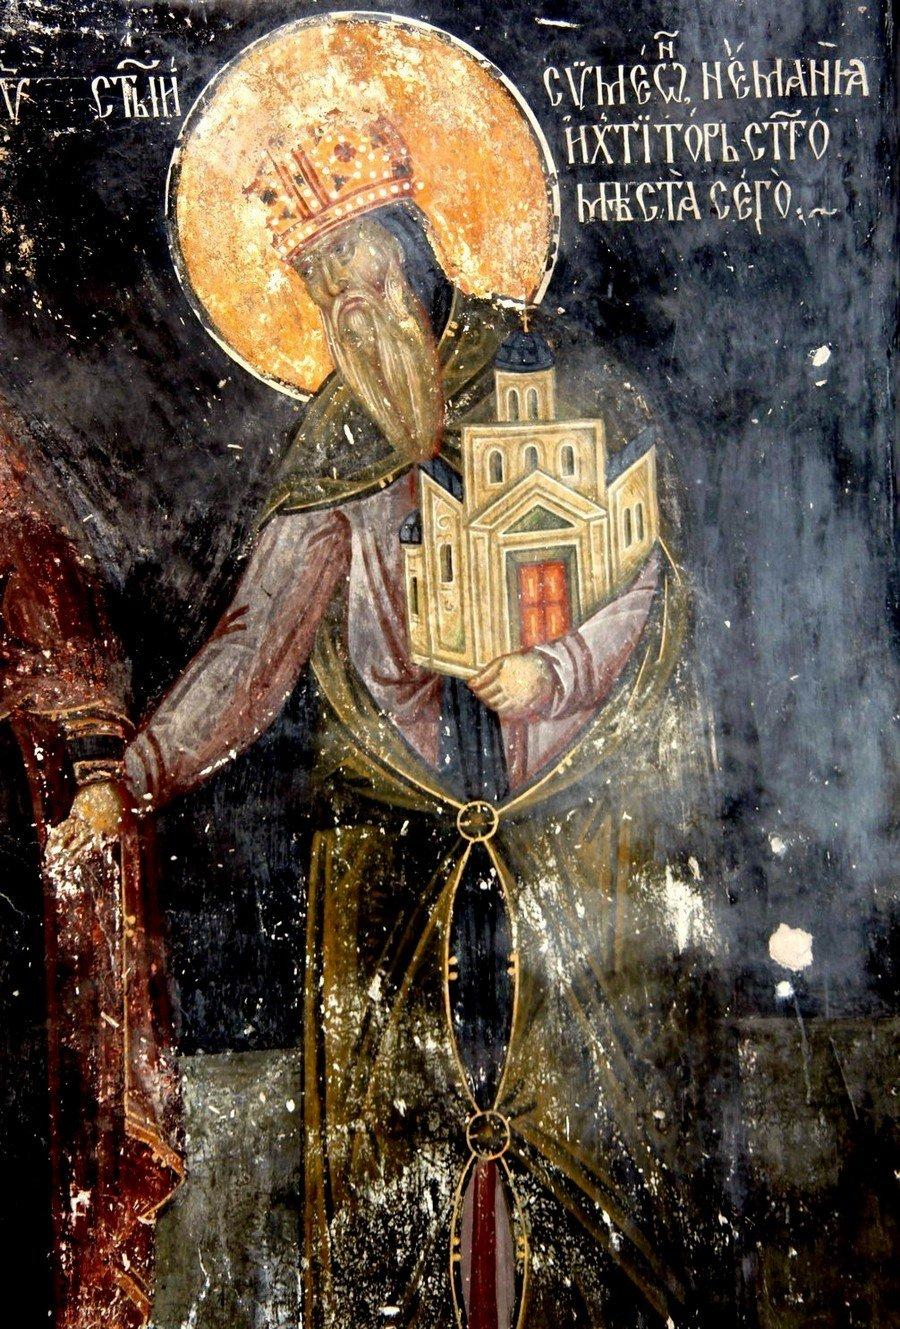 Святой Преподобный Симеон Мироточивый. Фреска церкви Богородицы в монастыре Студеница, Сербия. 1568 год.